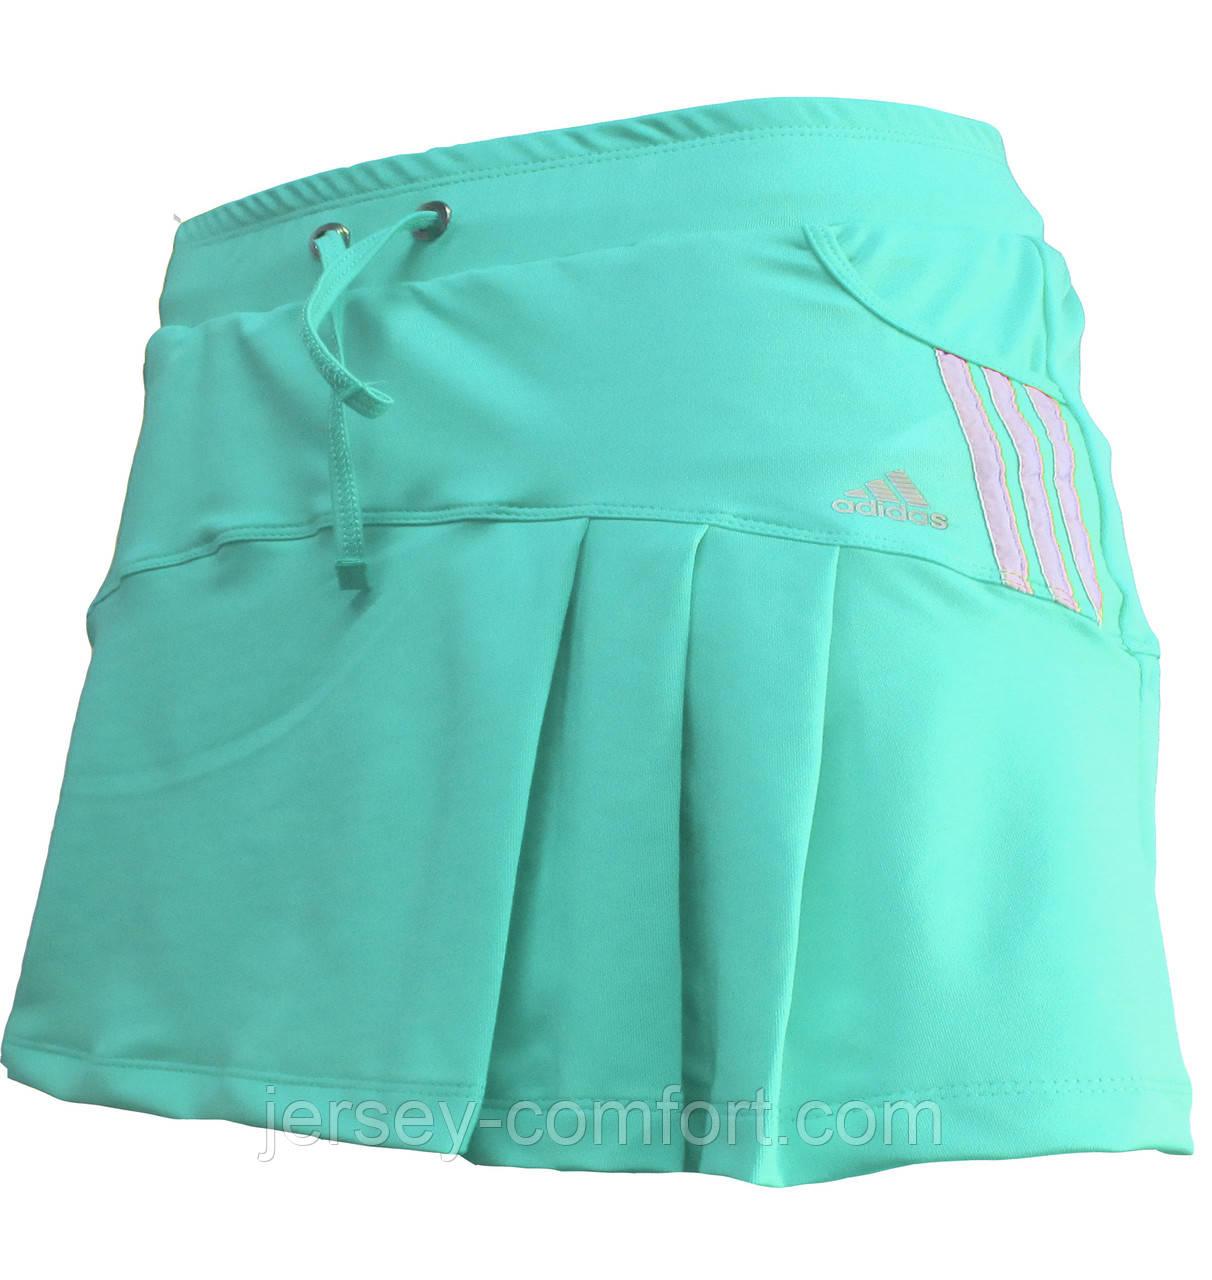 Юбка -шорты женская эластан. Юбка с шортами для тенниса. Юбка спортивная мята, мятный цвет.Мод. 4032